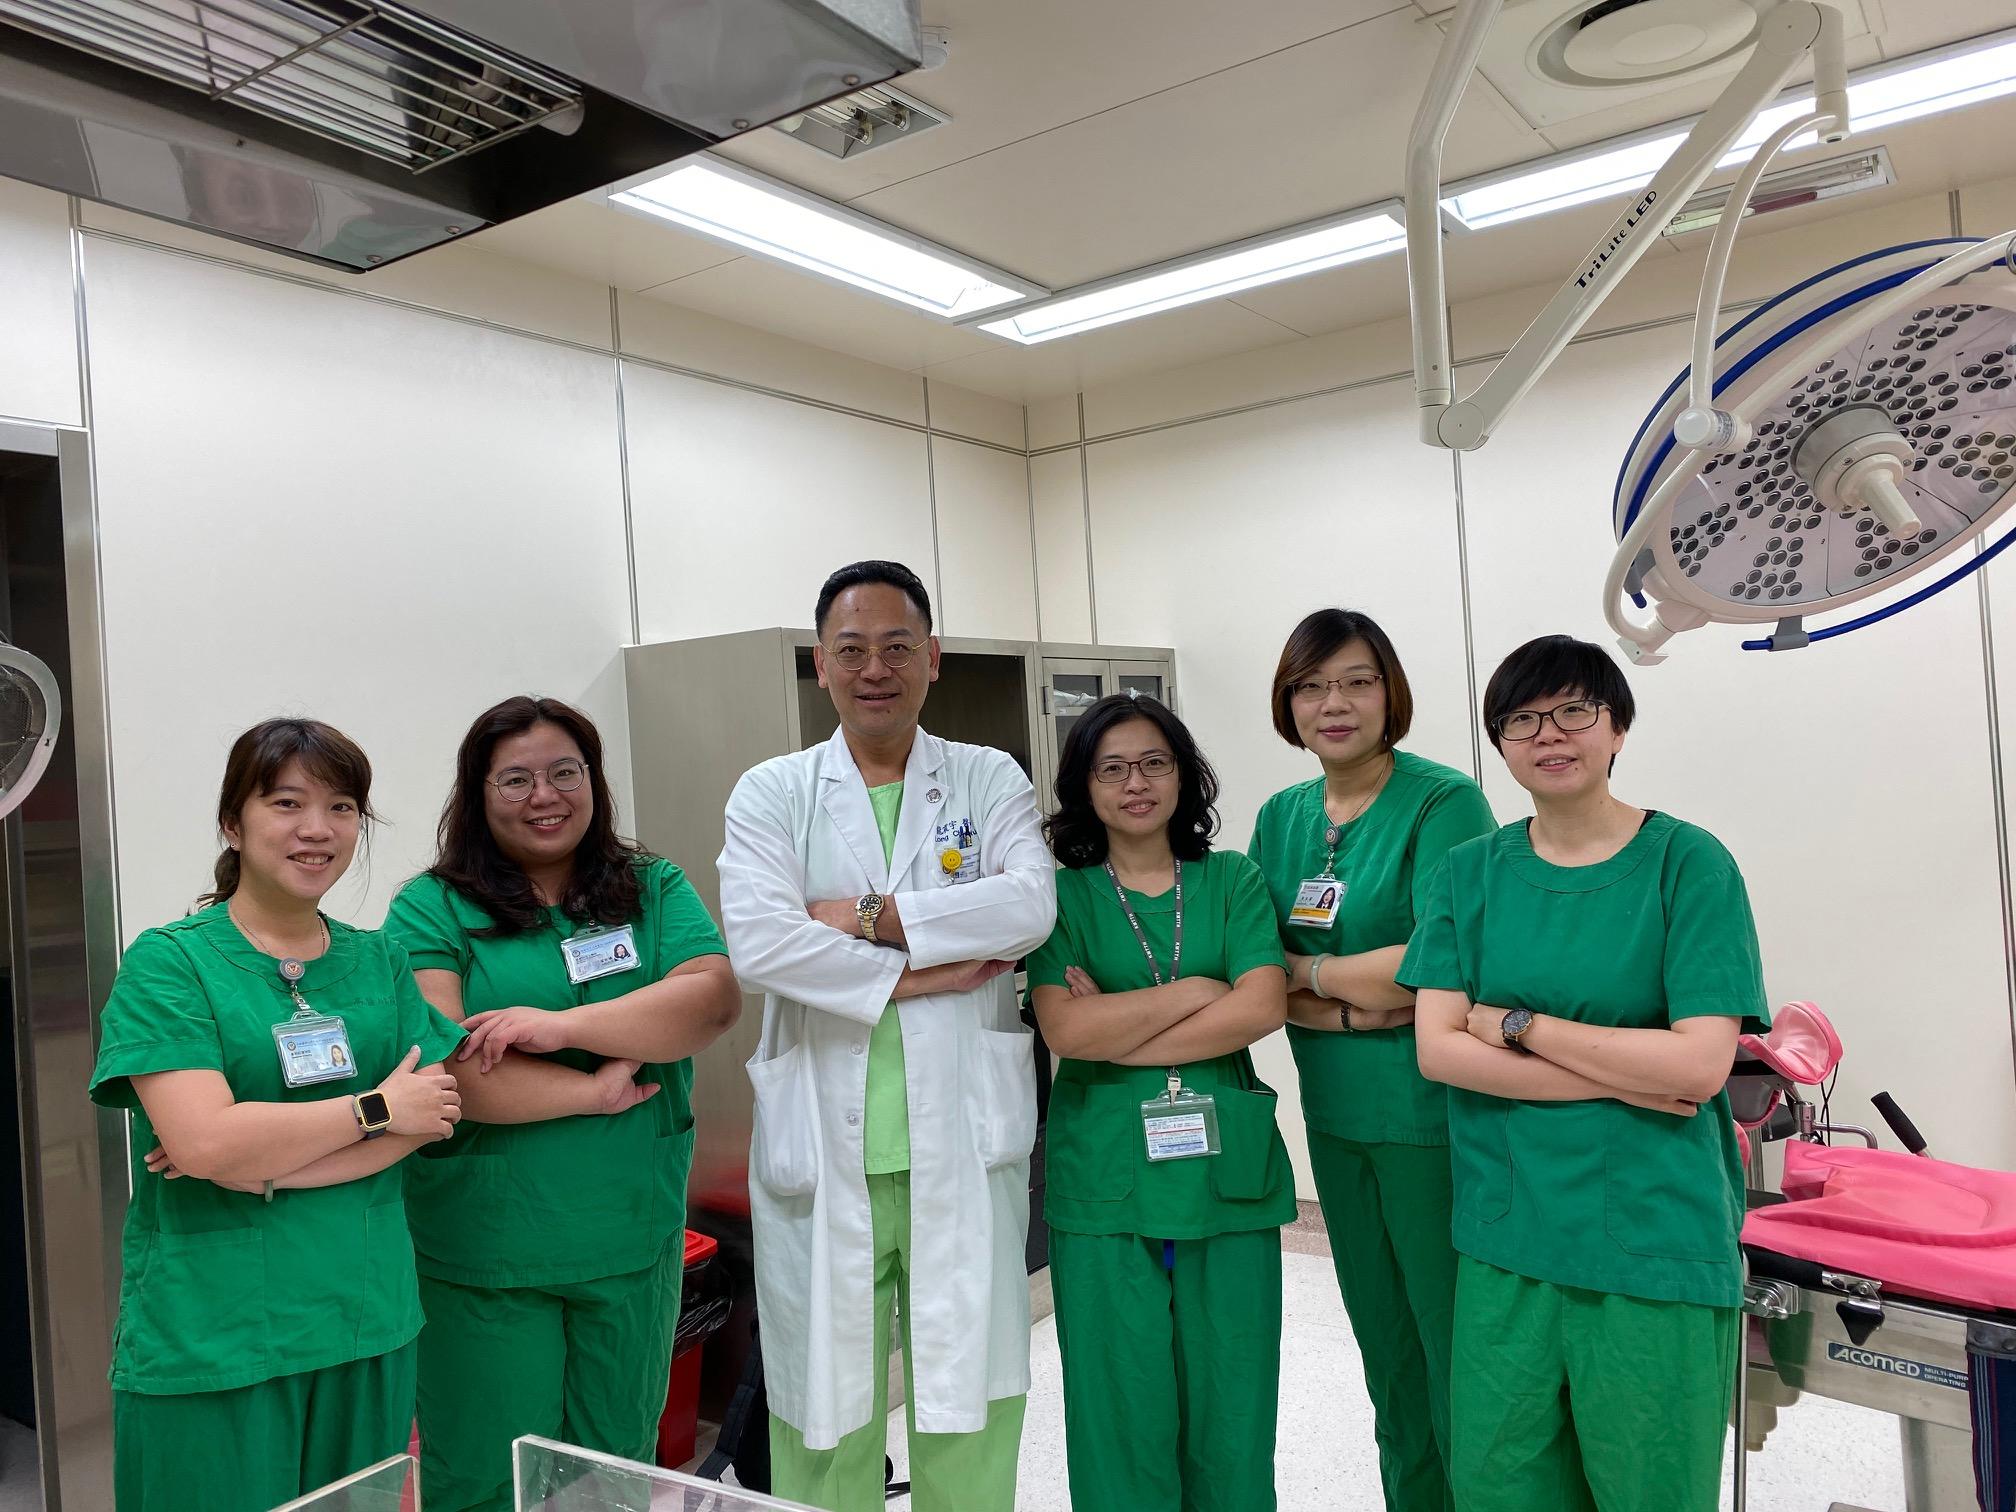 由左至右:蘇玲惠技術員、盧紫曦醫師、龍震宇醫師、林冠伶醫師、吳宜霖技術員、劉奕吟醫師